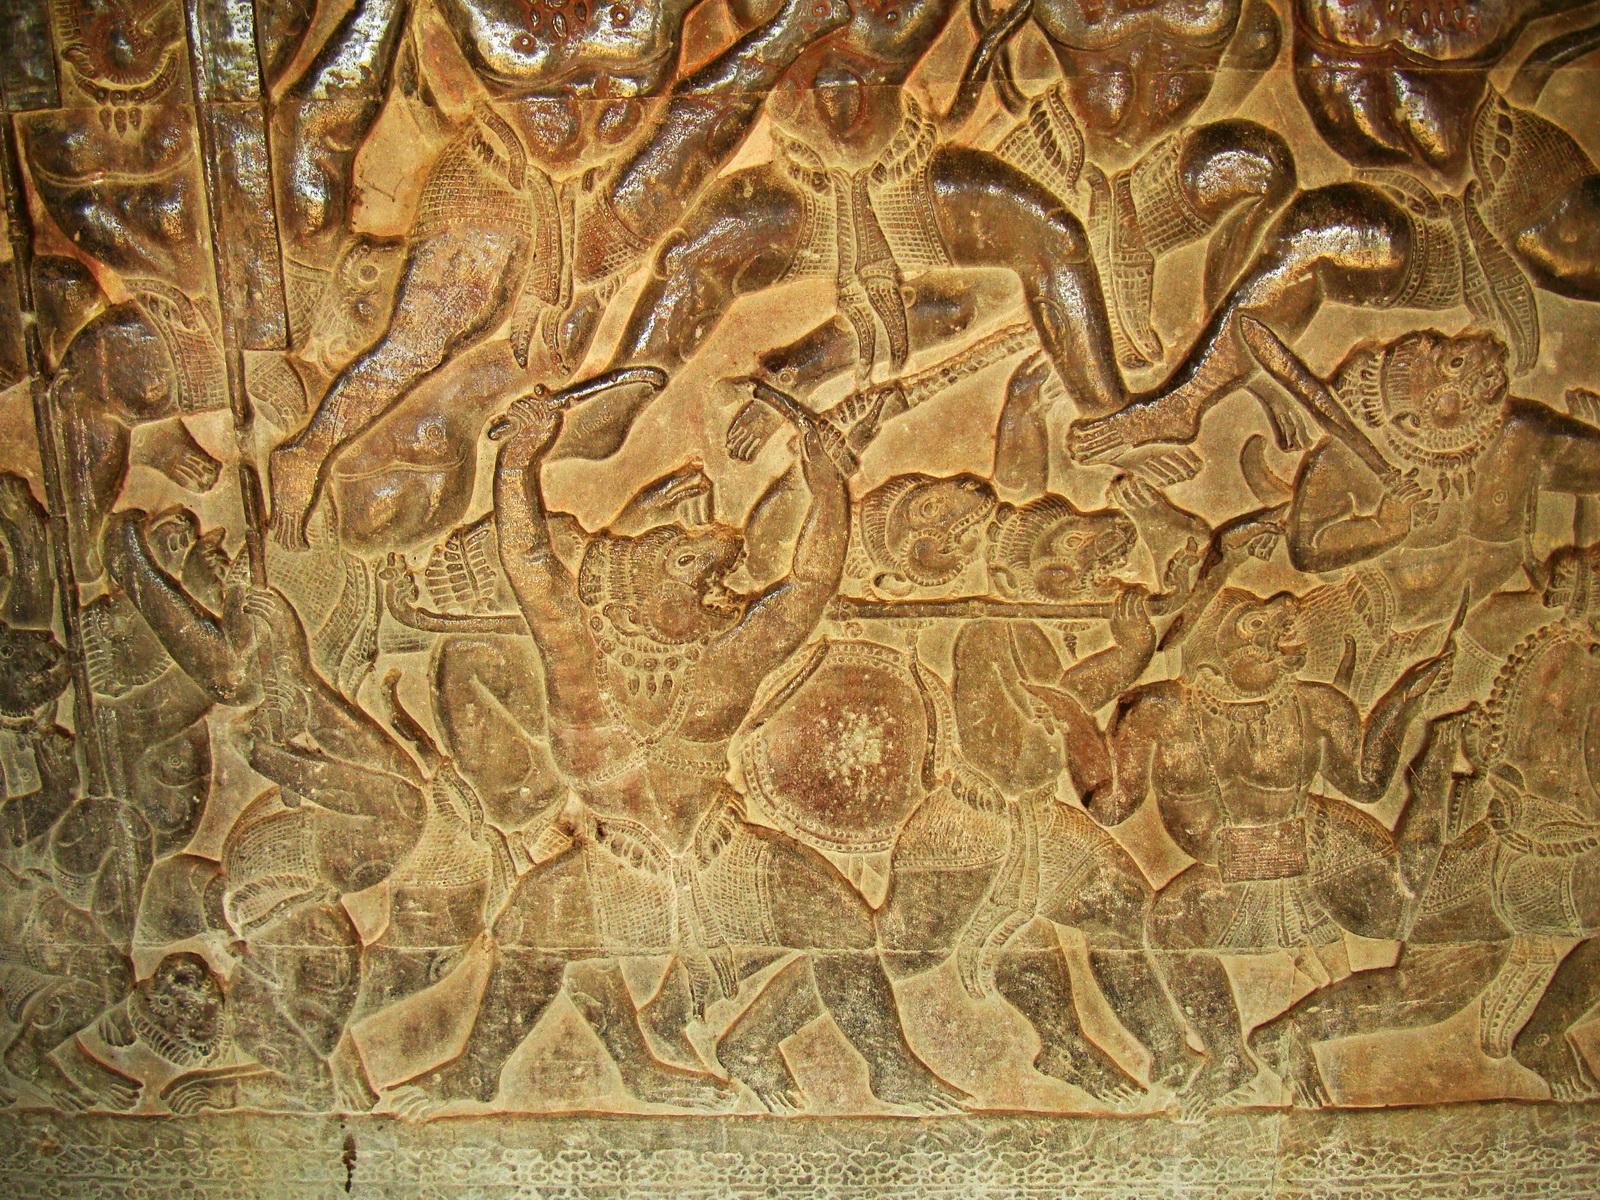 Angkor Wat Bas relief W Gallery N Wing Battle of Lanka 35